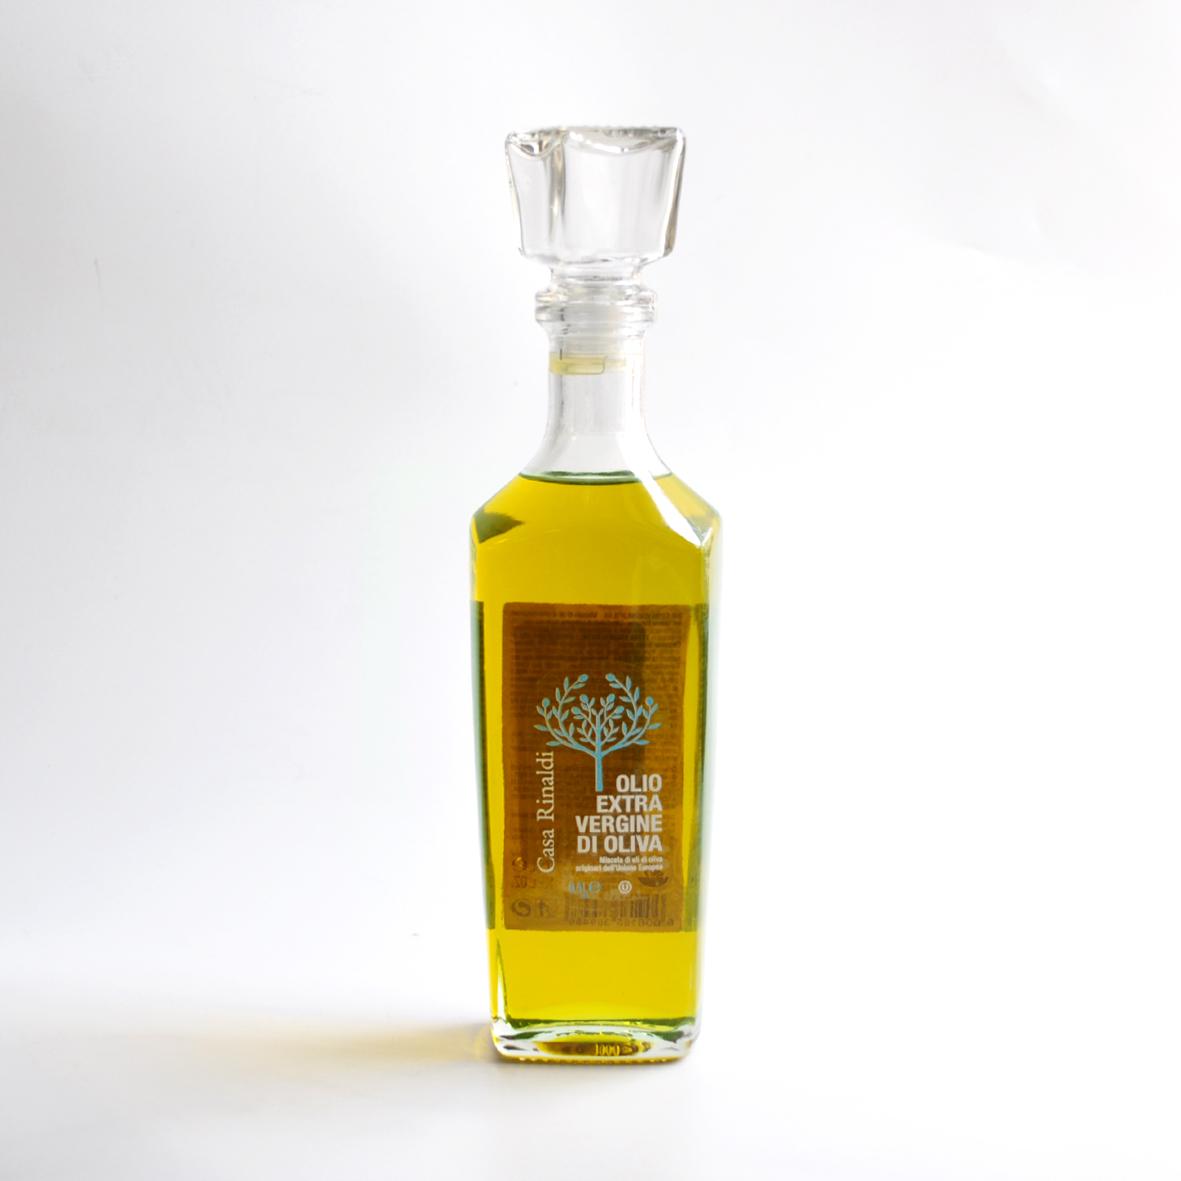 Масло Casa Rinaldi оливковое нерафинированное фильтрованное Extra Vergine в графине 500 мл